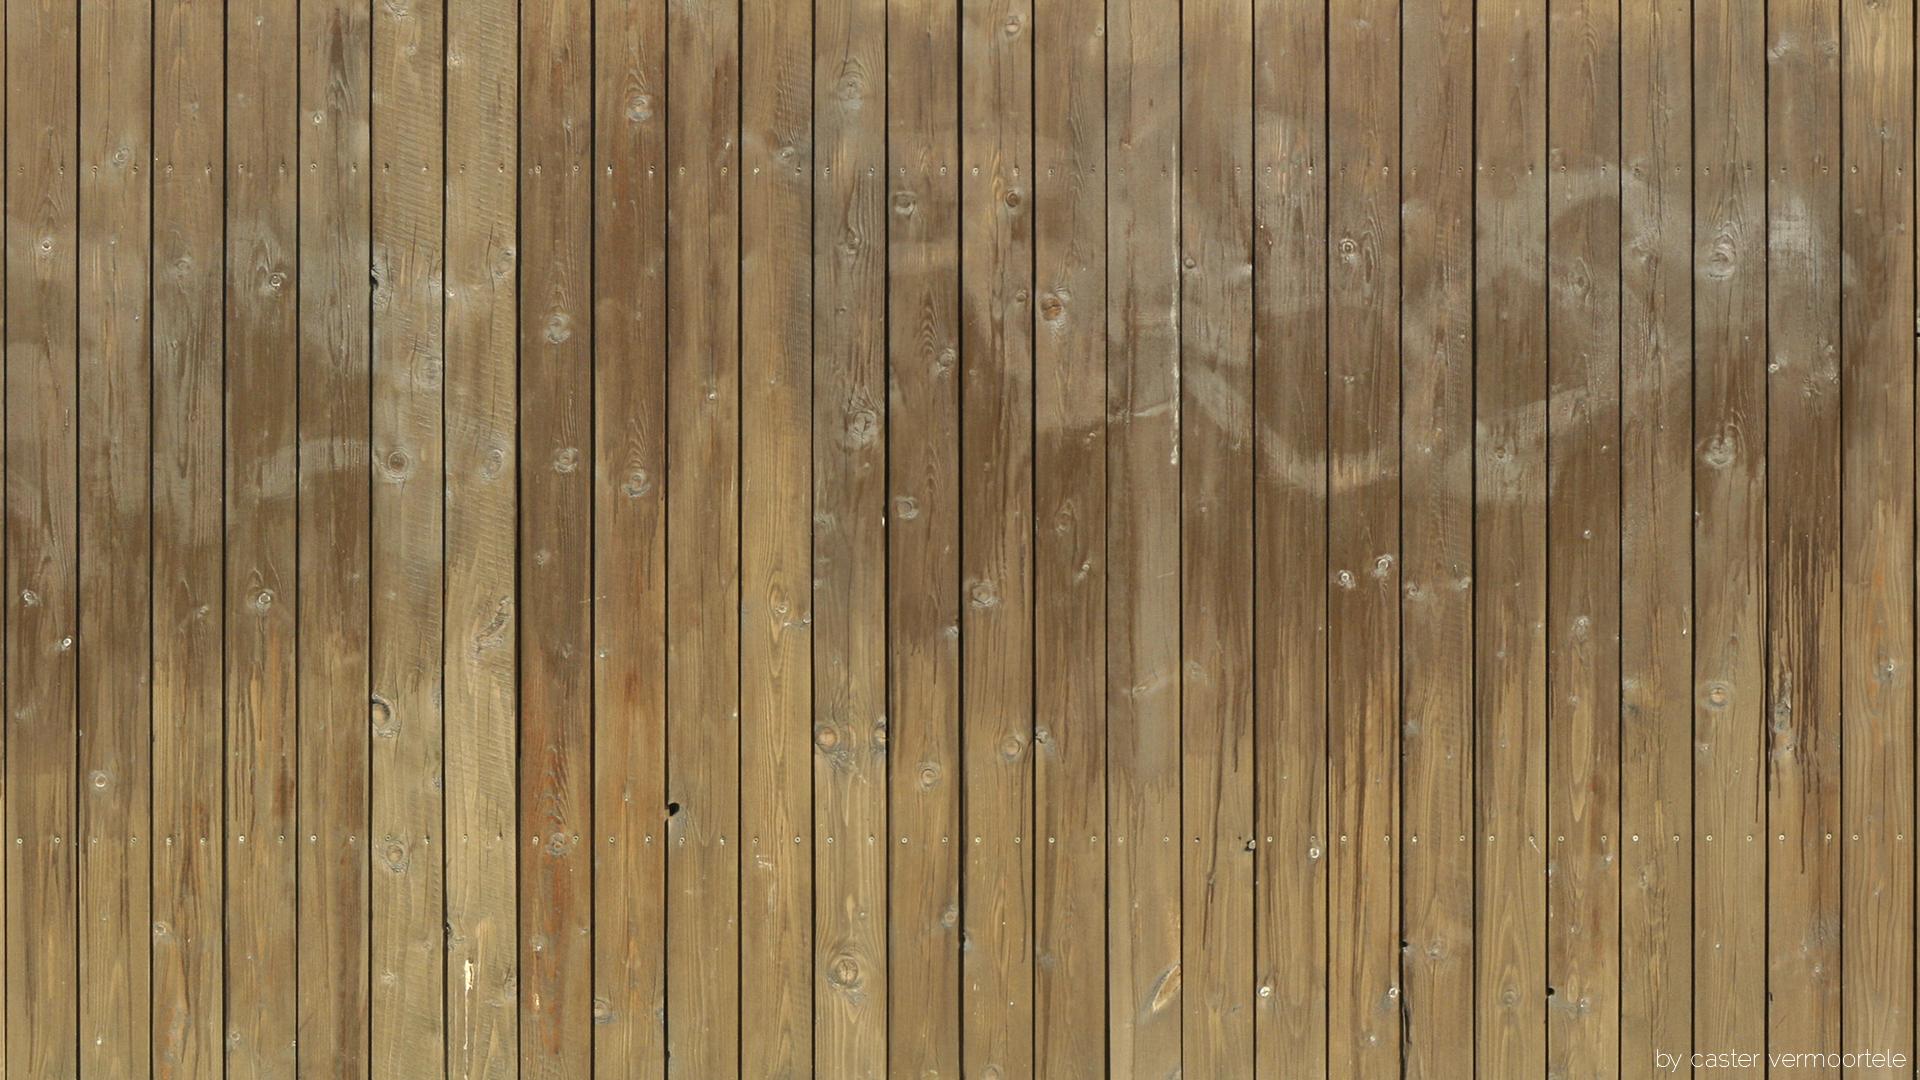 wood wallpaper floor textures wallpapers woodcut 1920x1080